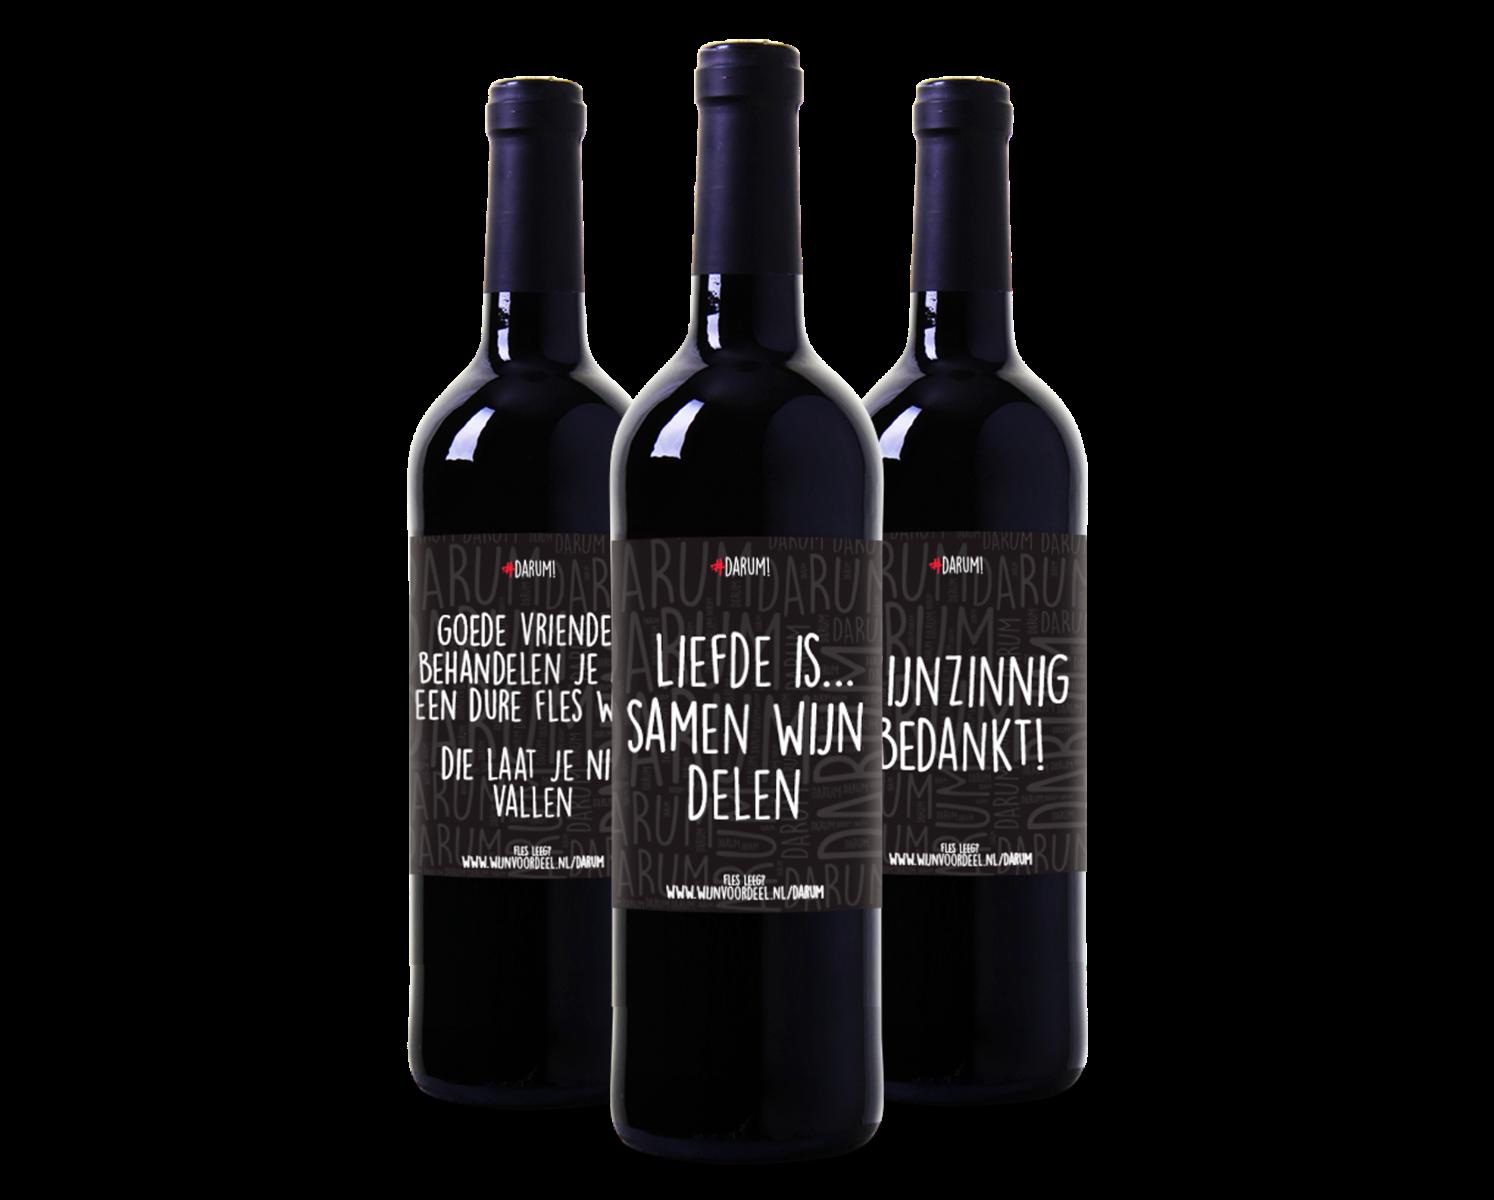 #Darum Wijnpakket Rood (3 flessen)